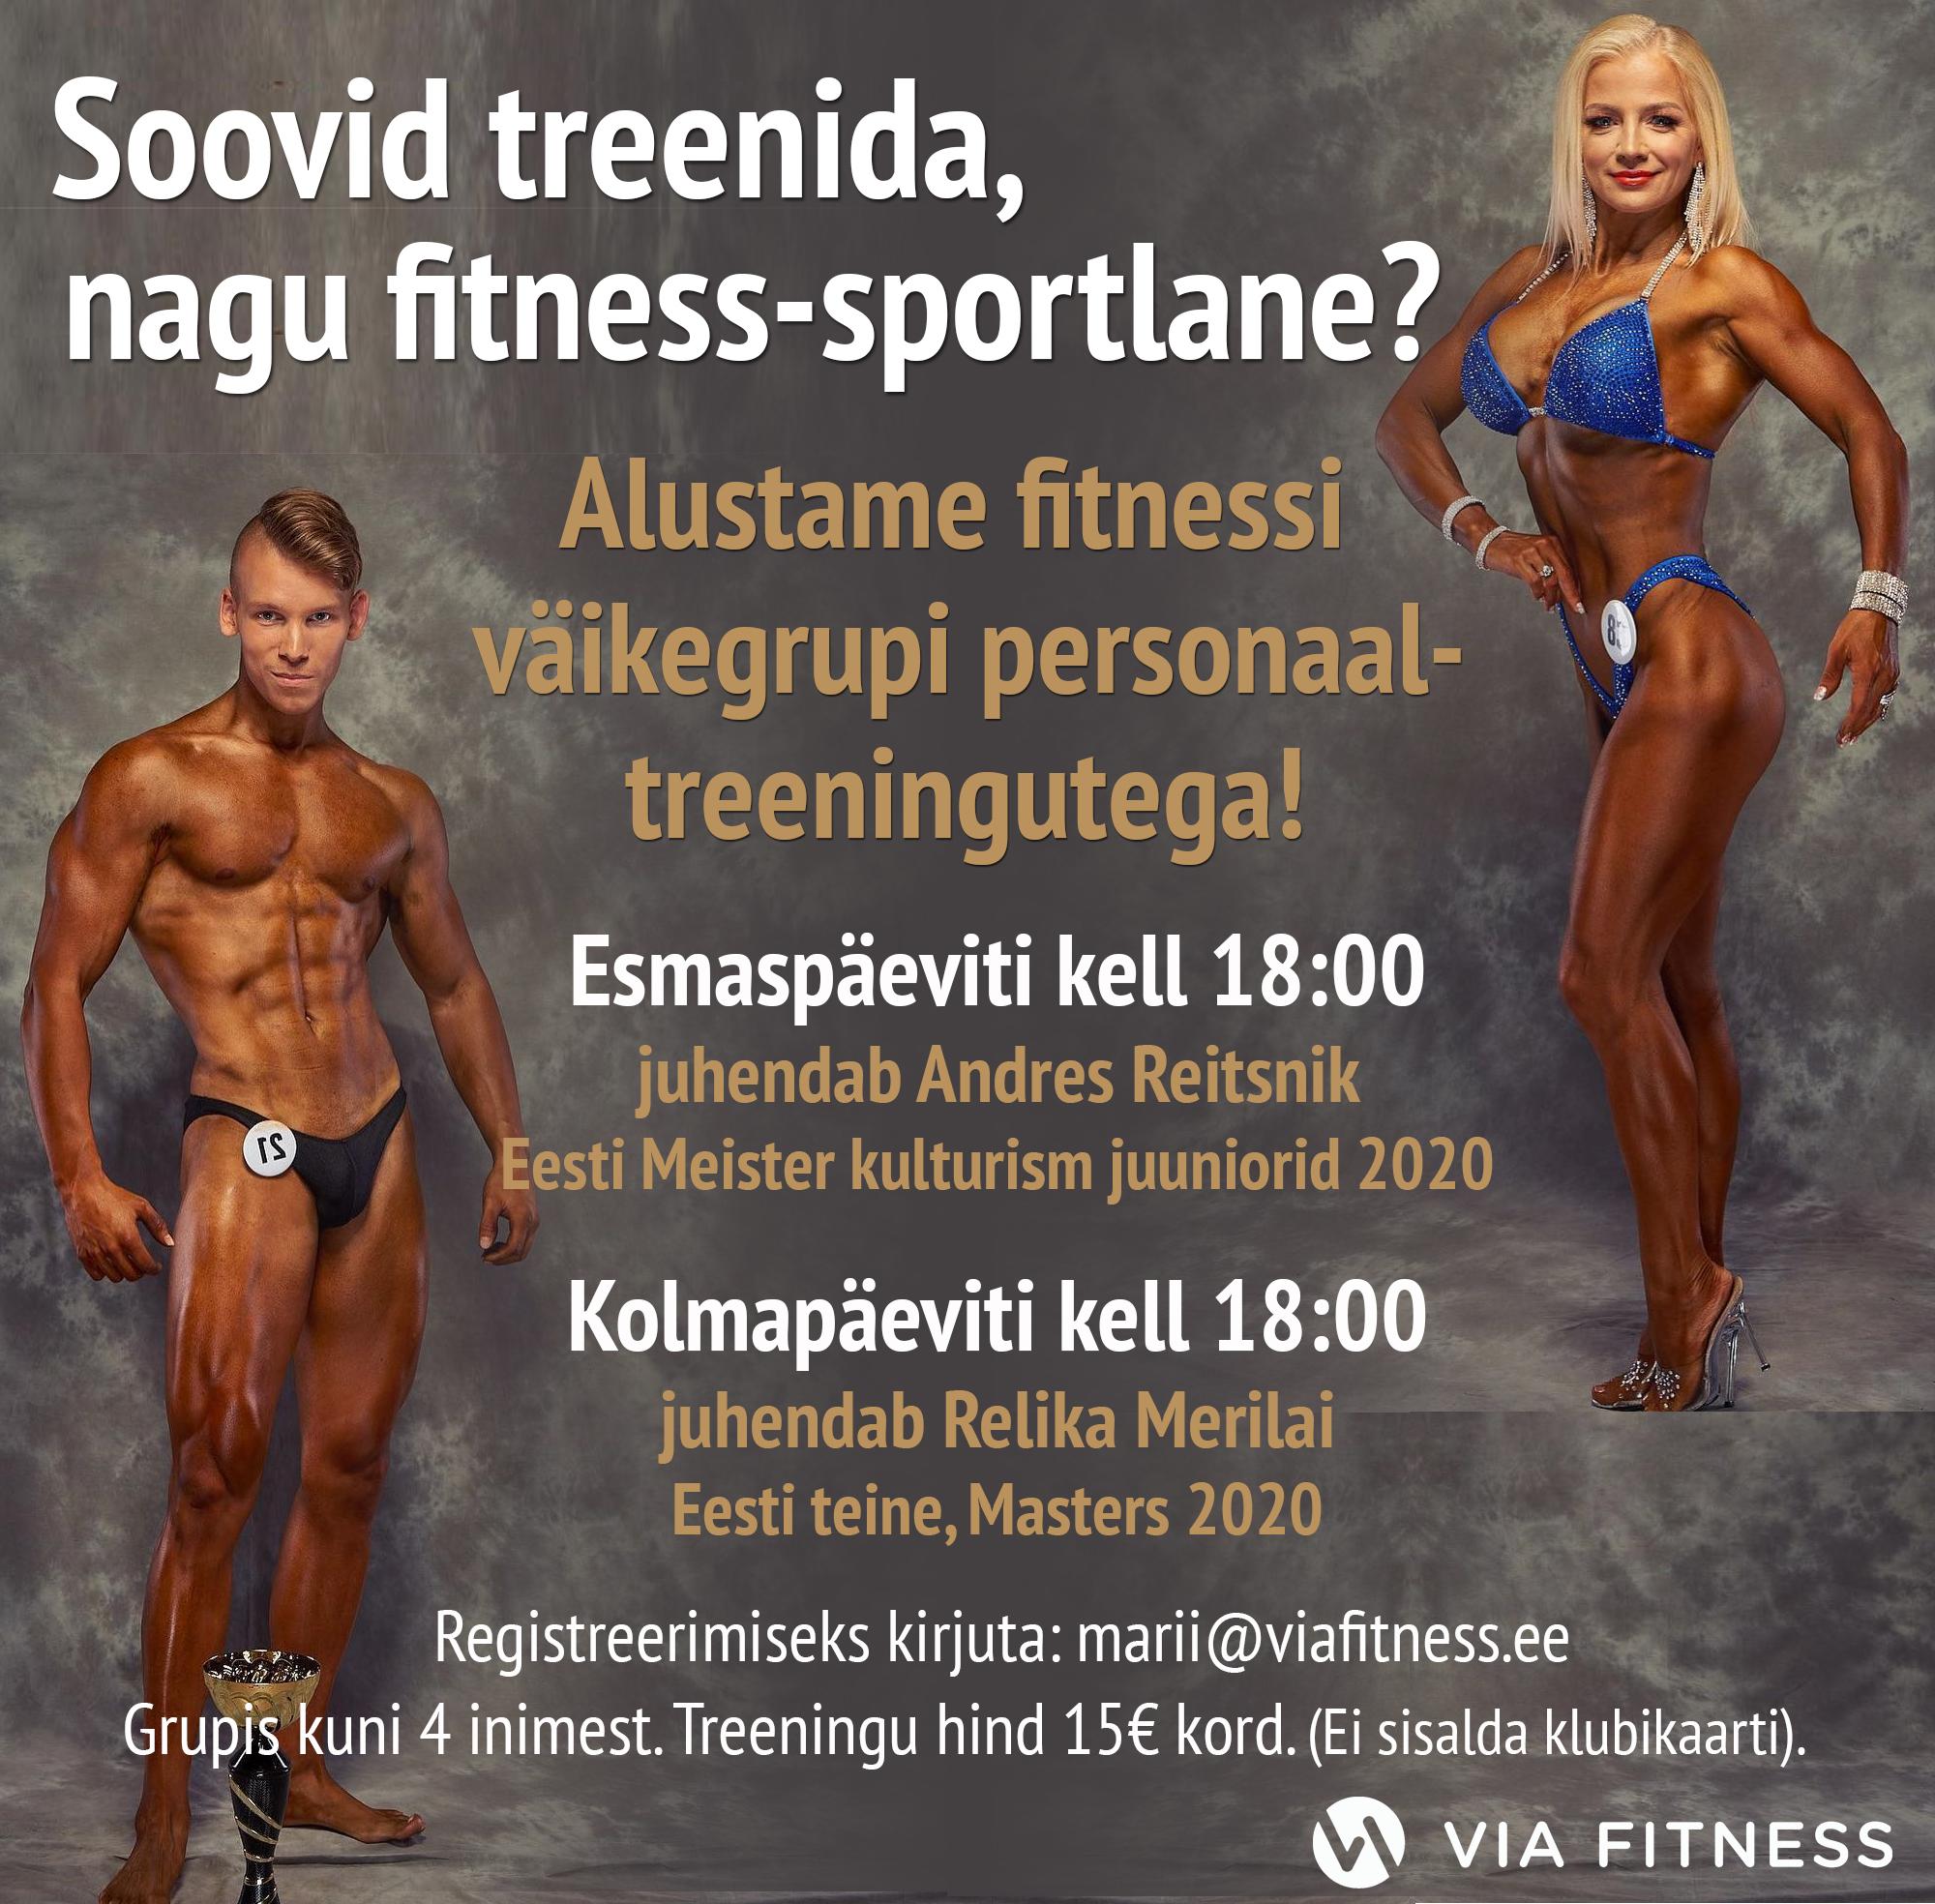 fitnesstreening copy